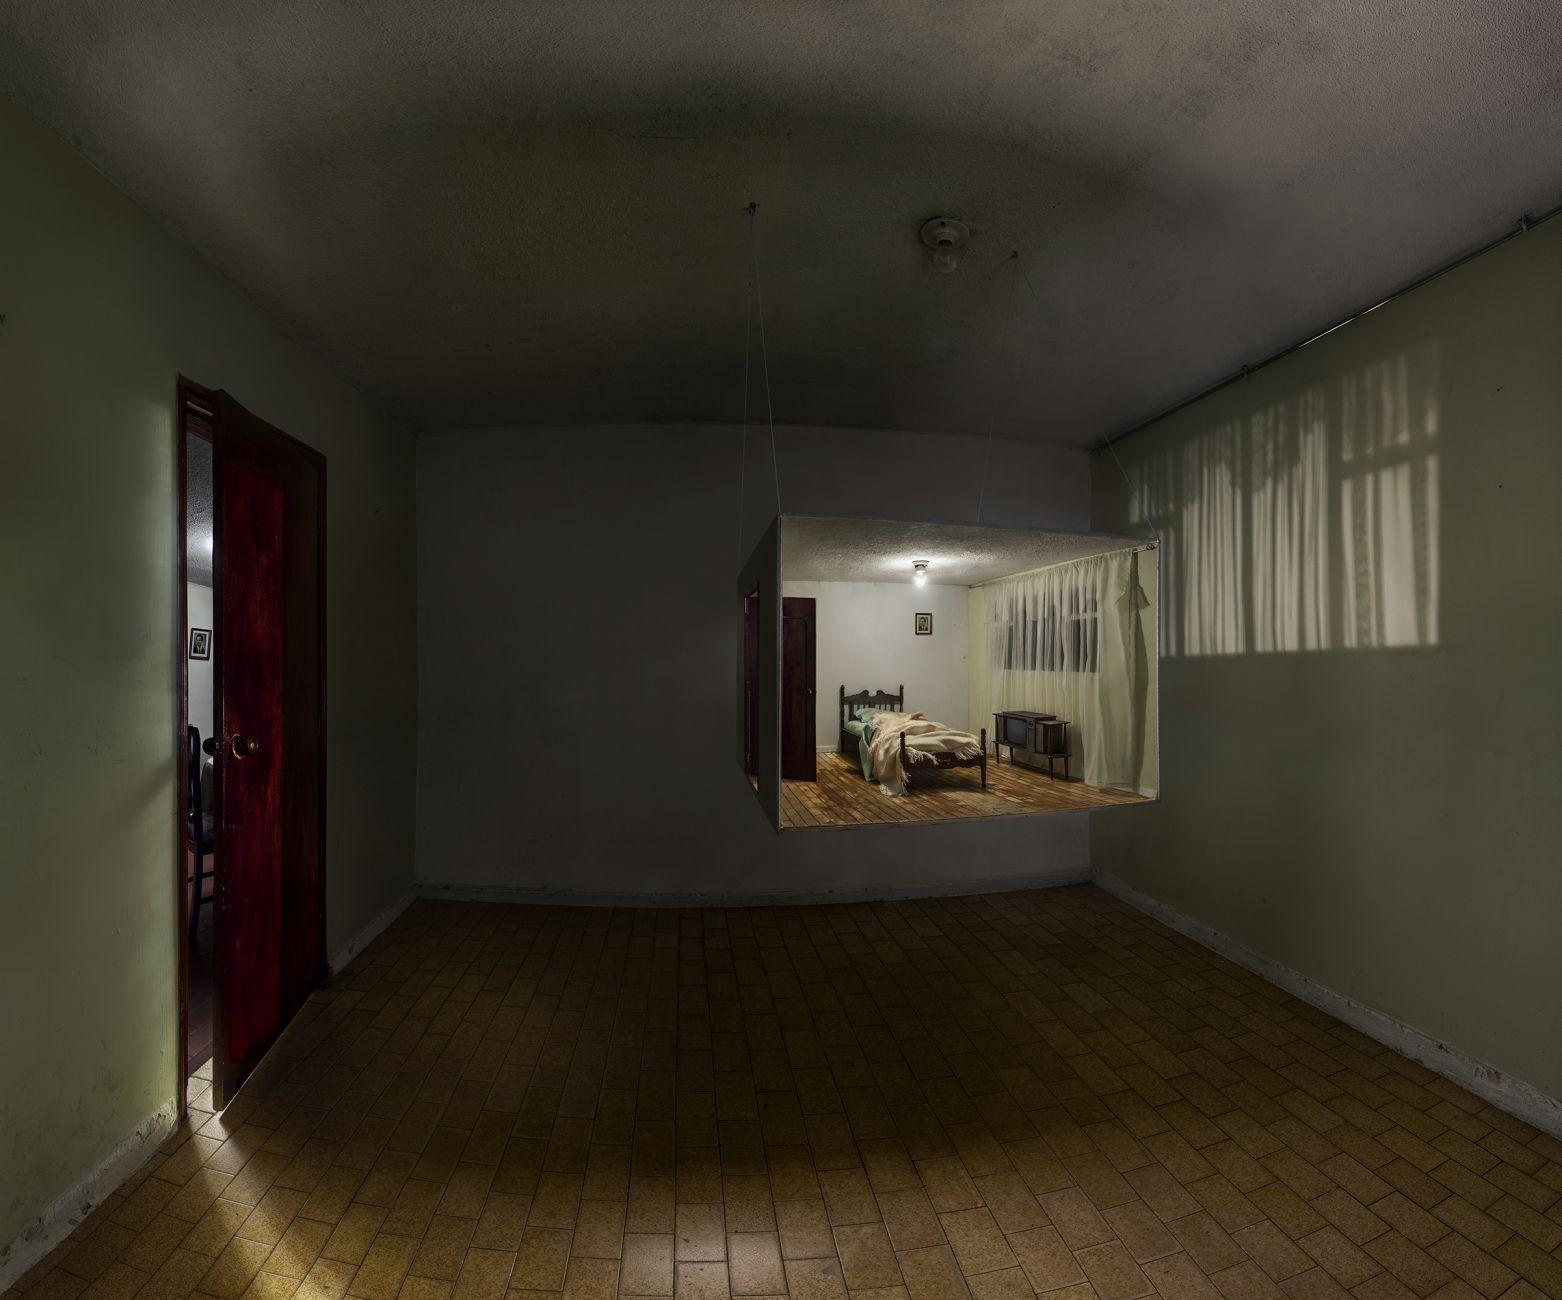 Habitación en implosión (2013) - Jonathan Chaparro